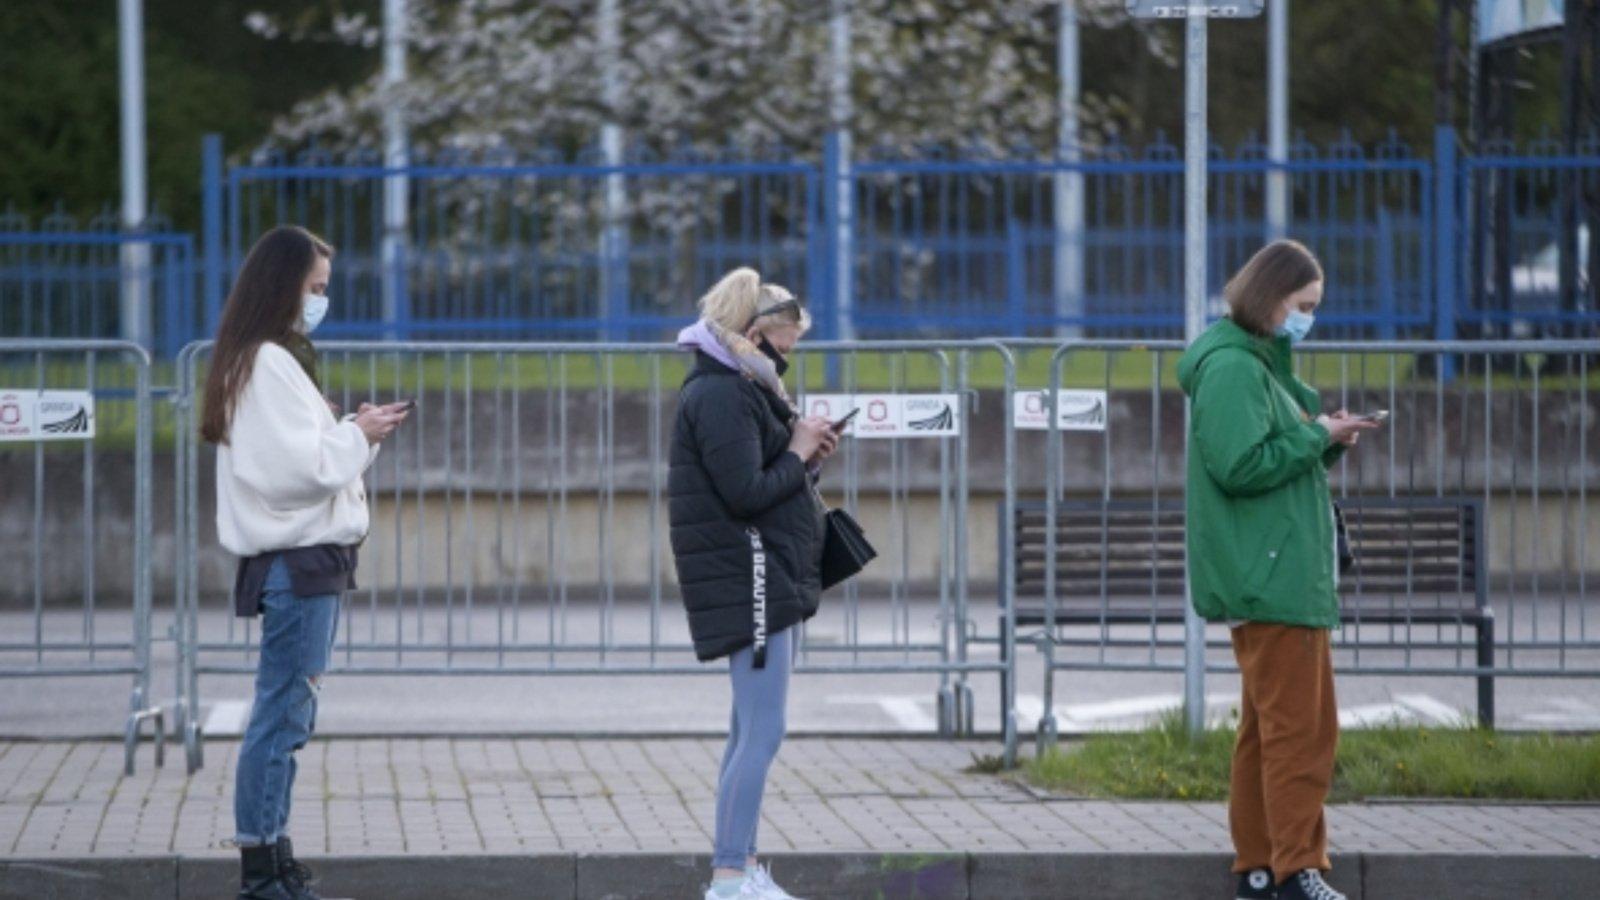 Siūloma neprašyti galimybių paso tarpmiestiniame transporte, lengvinti sąlygas studentams